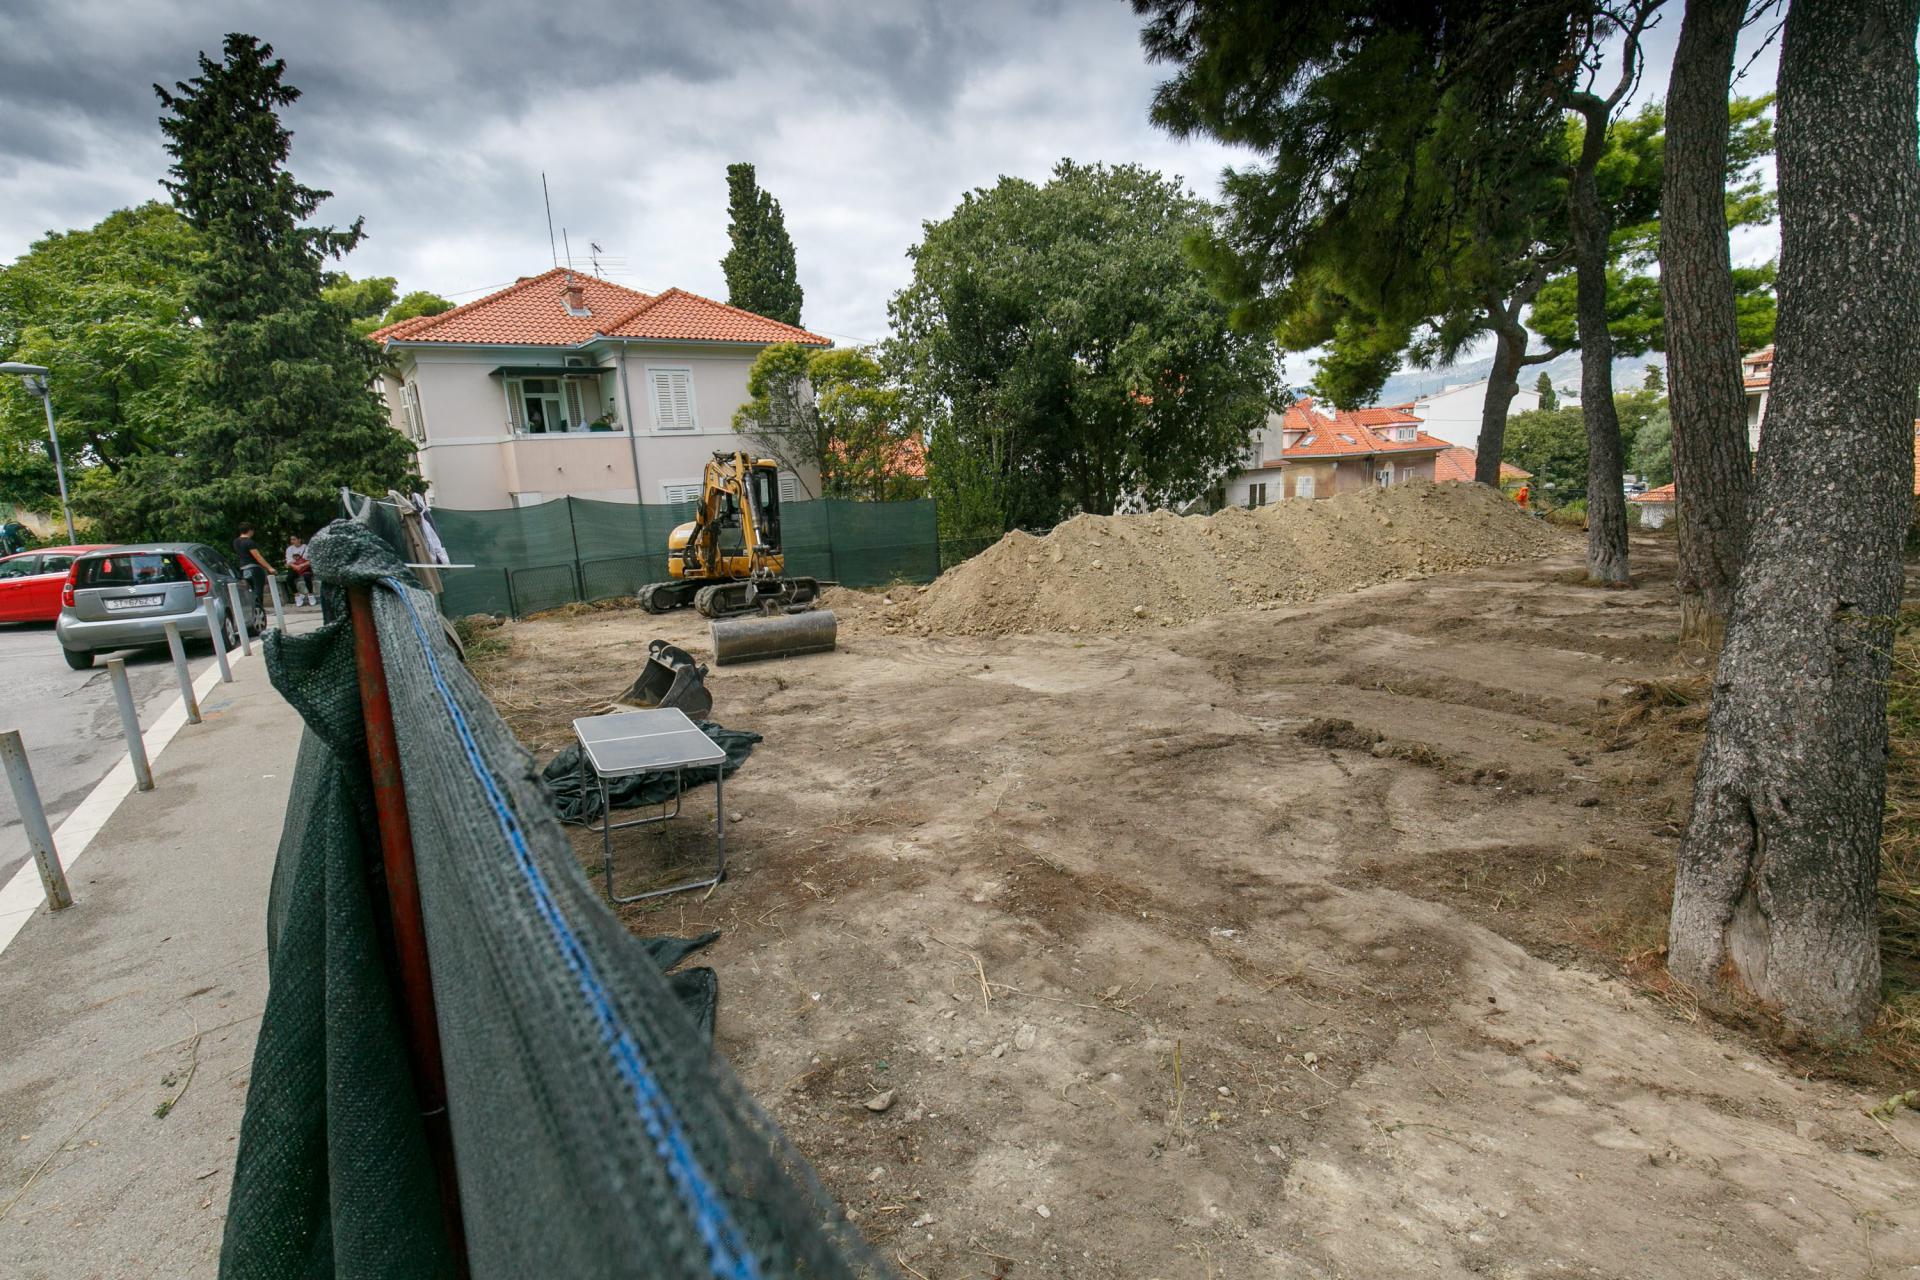 Građevinari su pripremili teren za arheološka istraživanja